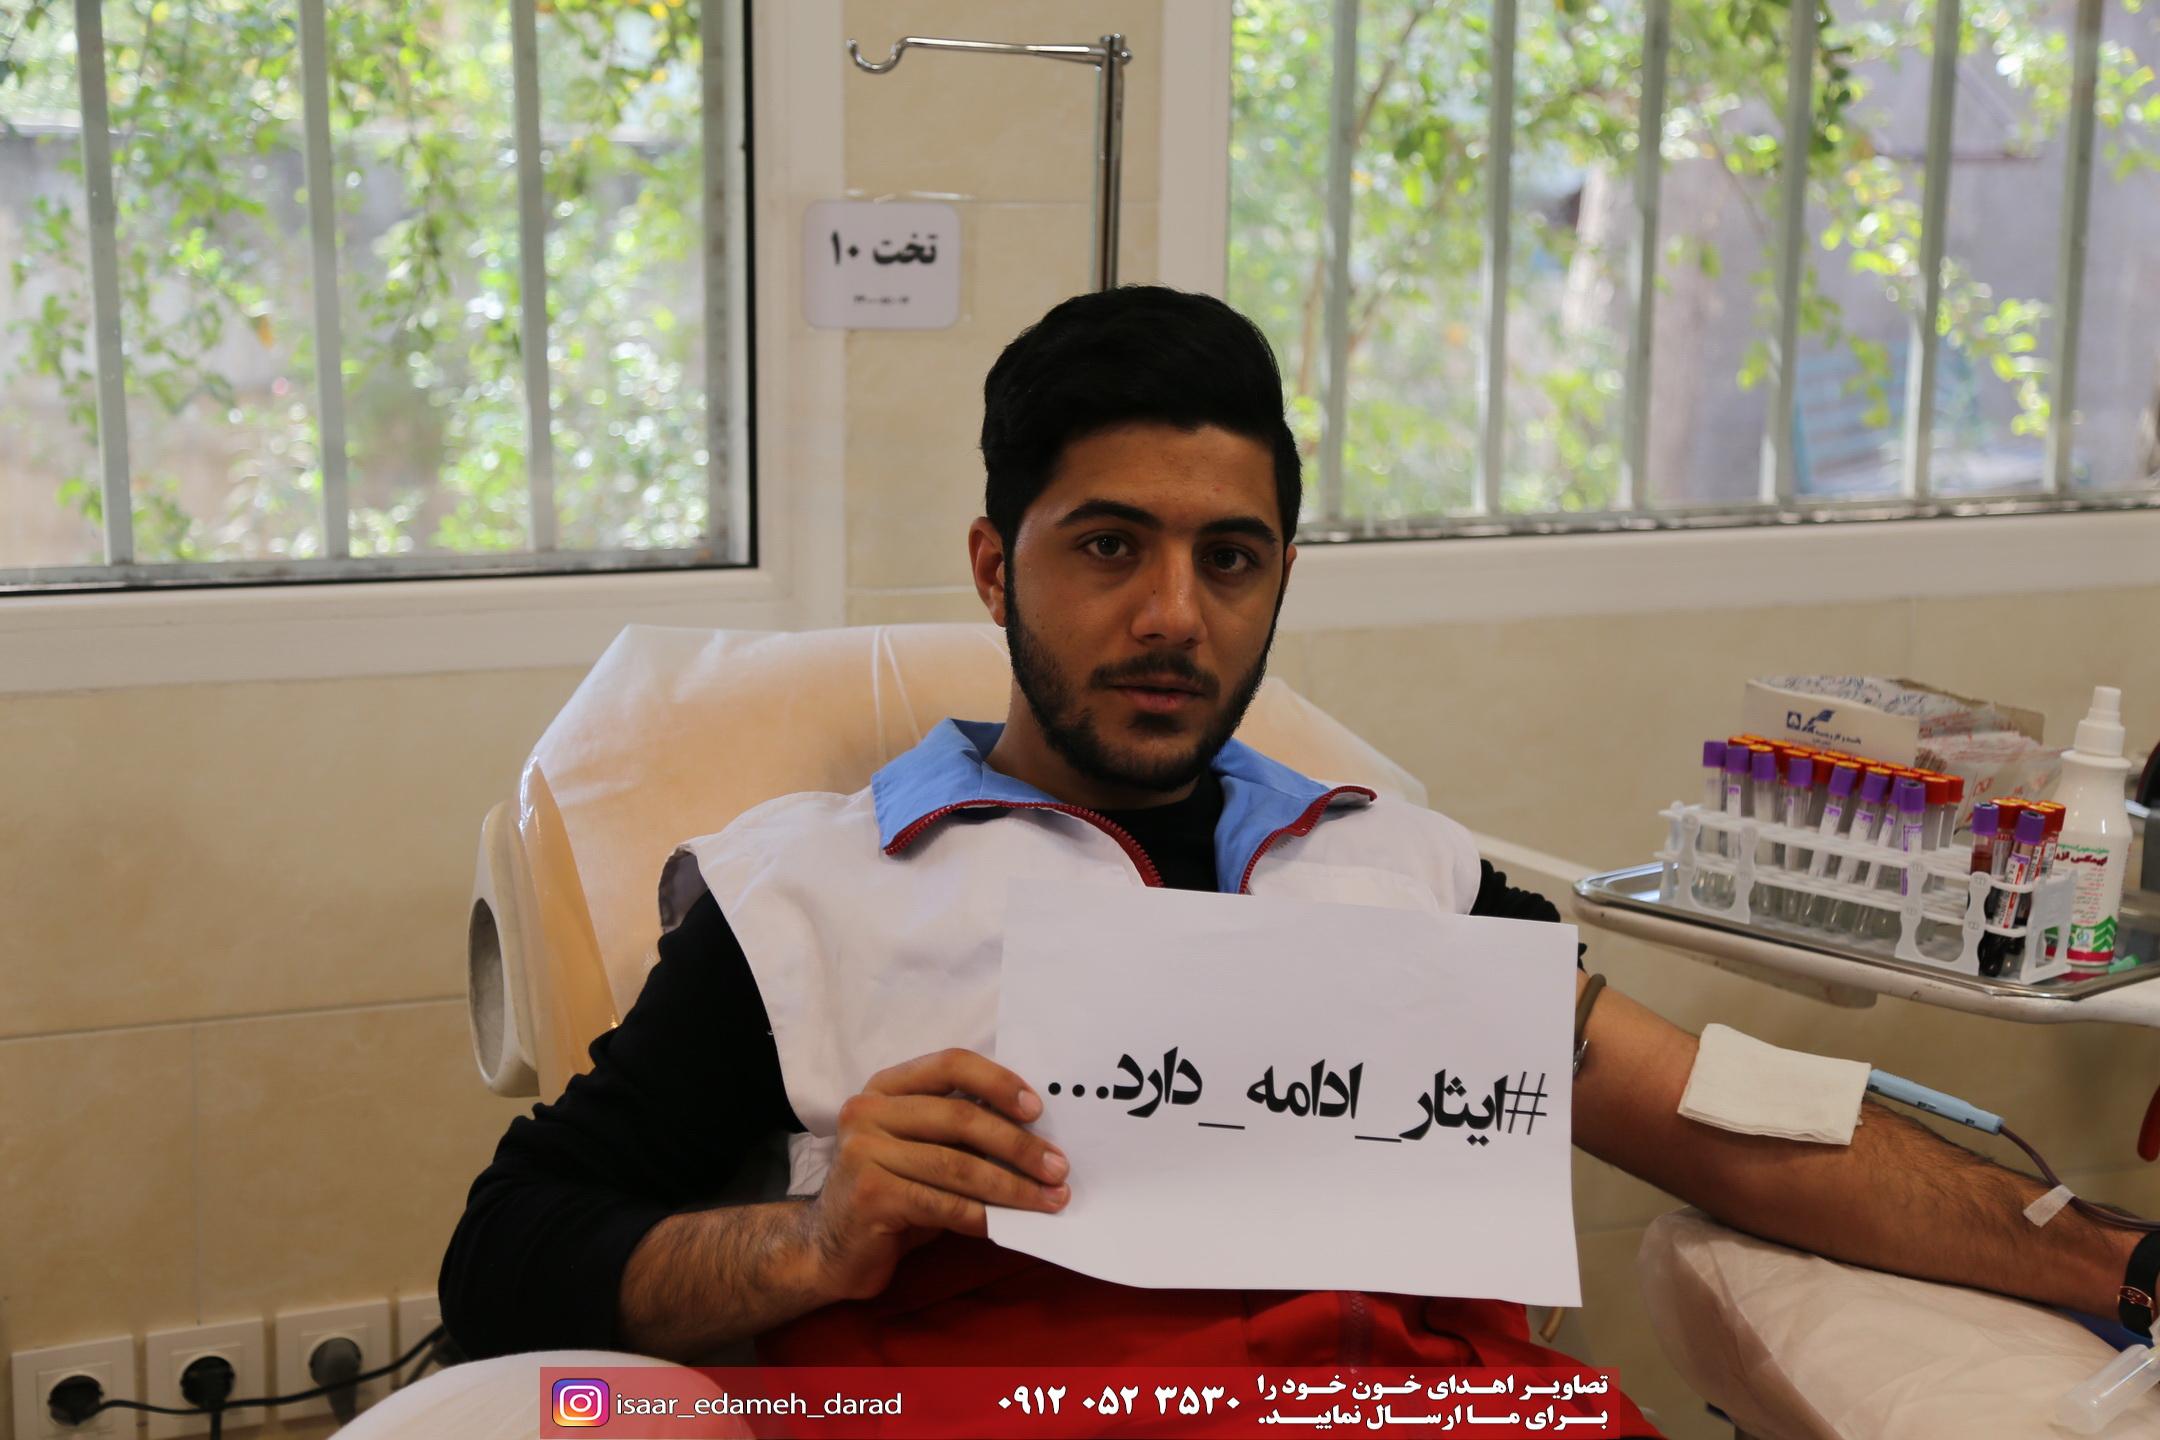 اهدای خـون-مدرسه الامام امیر المومنین (ع)